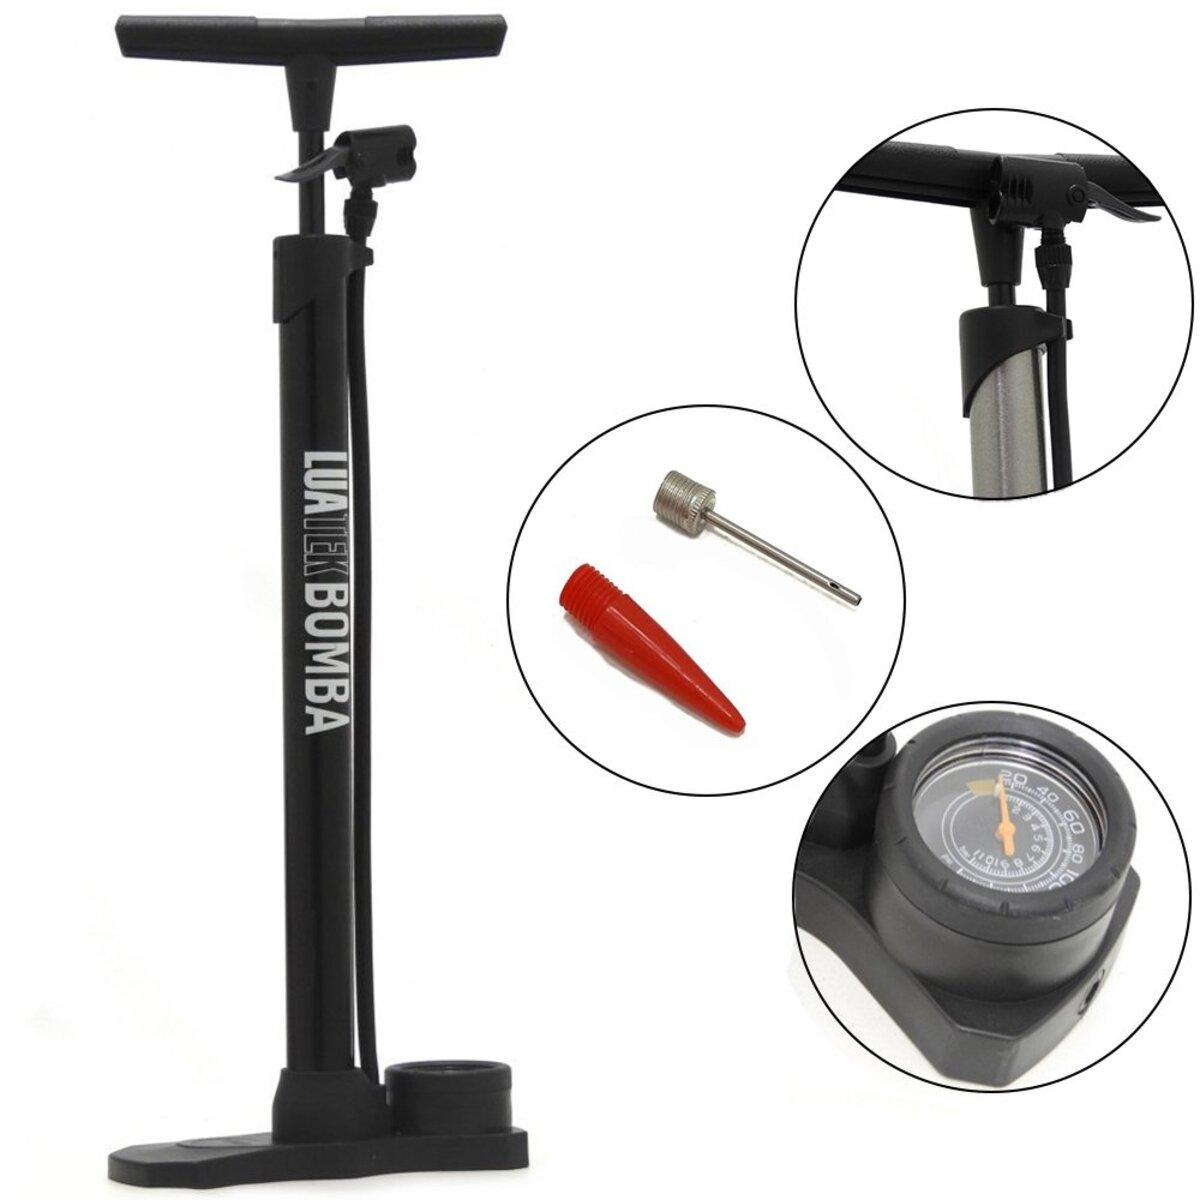 Bomba De Encher Manual Luatek Com Manômetro Bicicleta